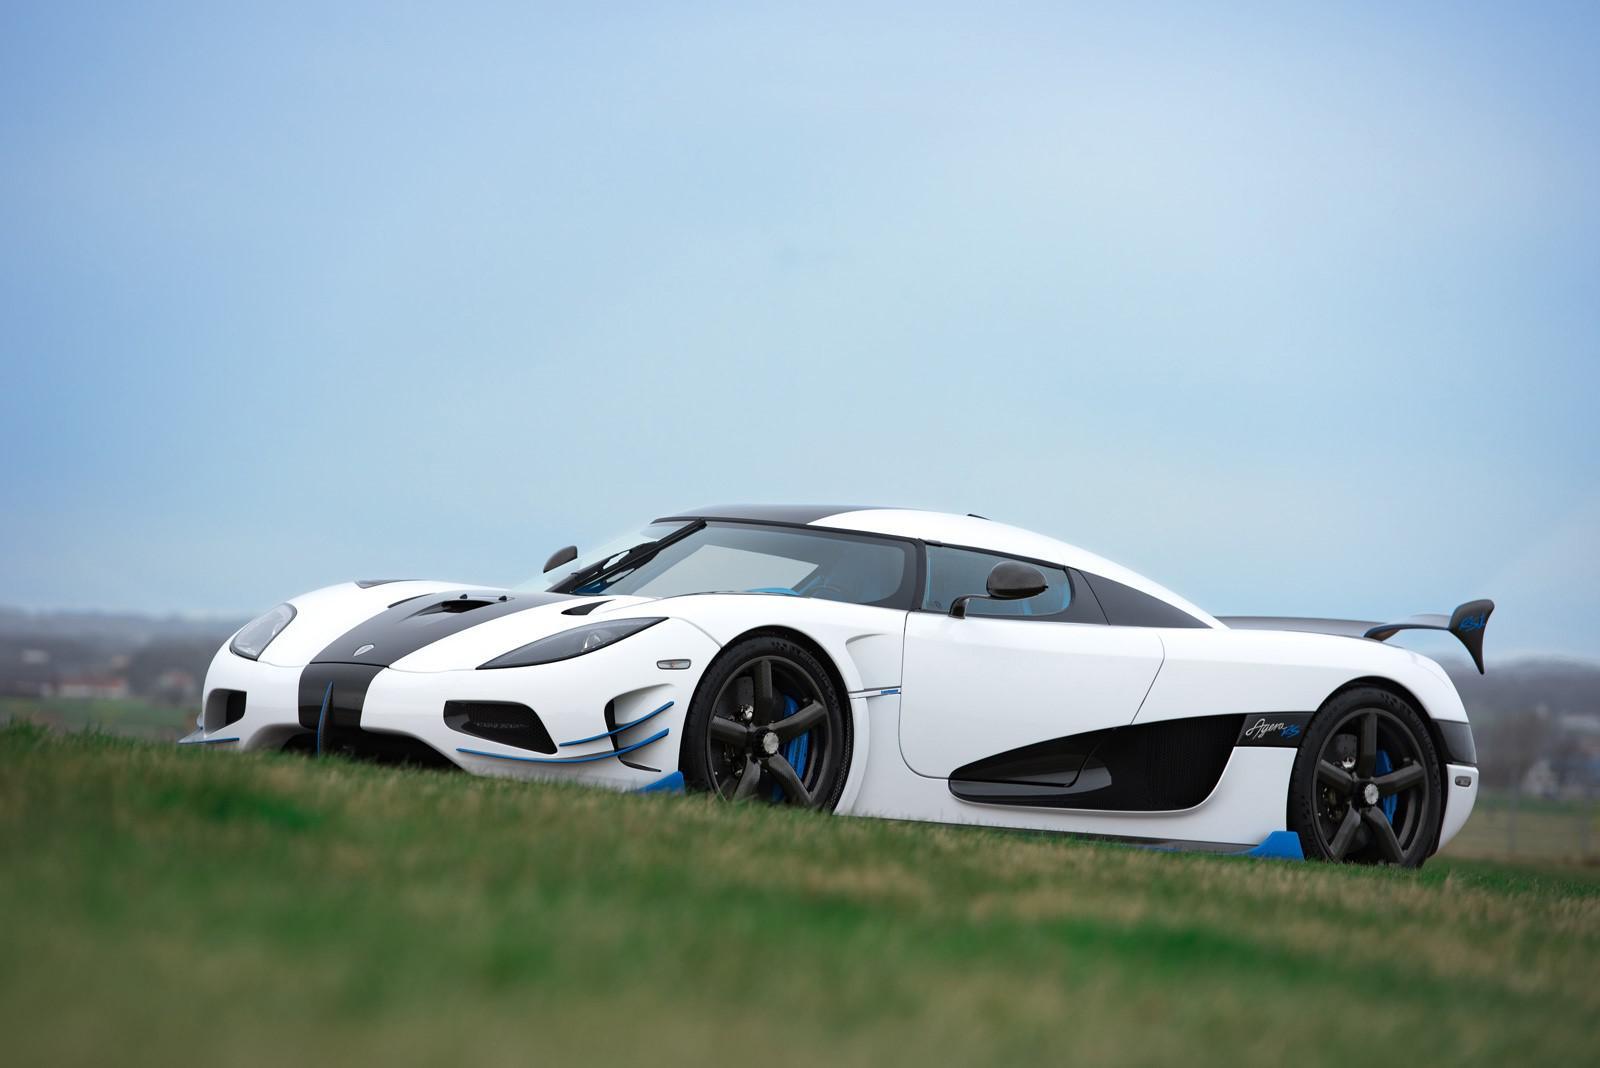 des-voitures-plus-rapides-et-a-la-silhouette-plus-agressive-q-une-formule-1-regardez-ceci-684-7.jpg